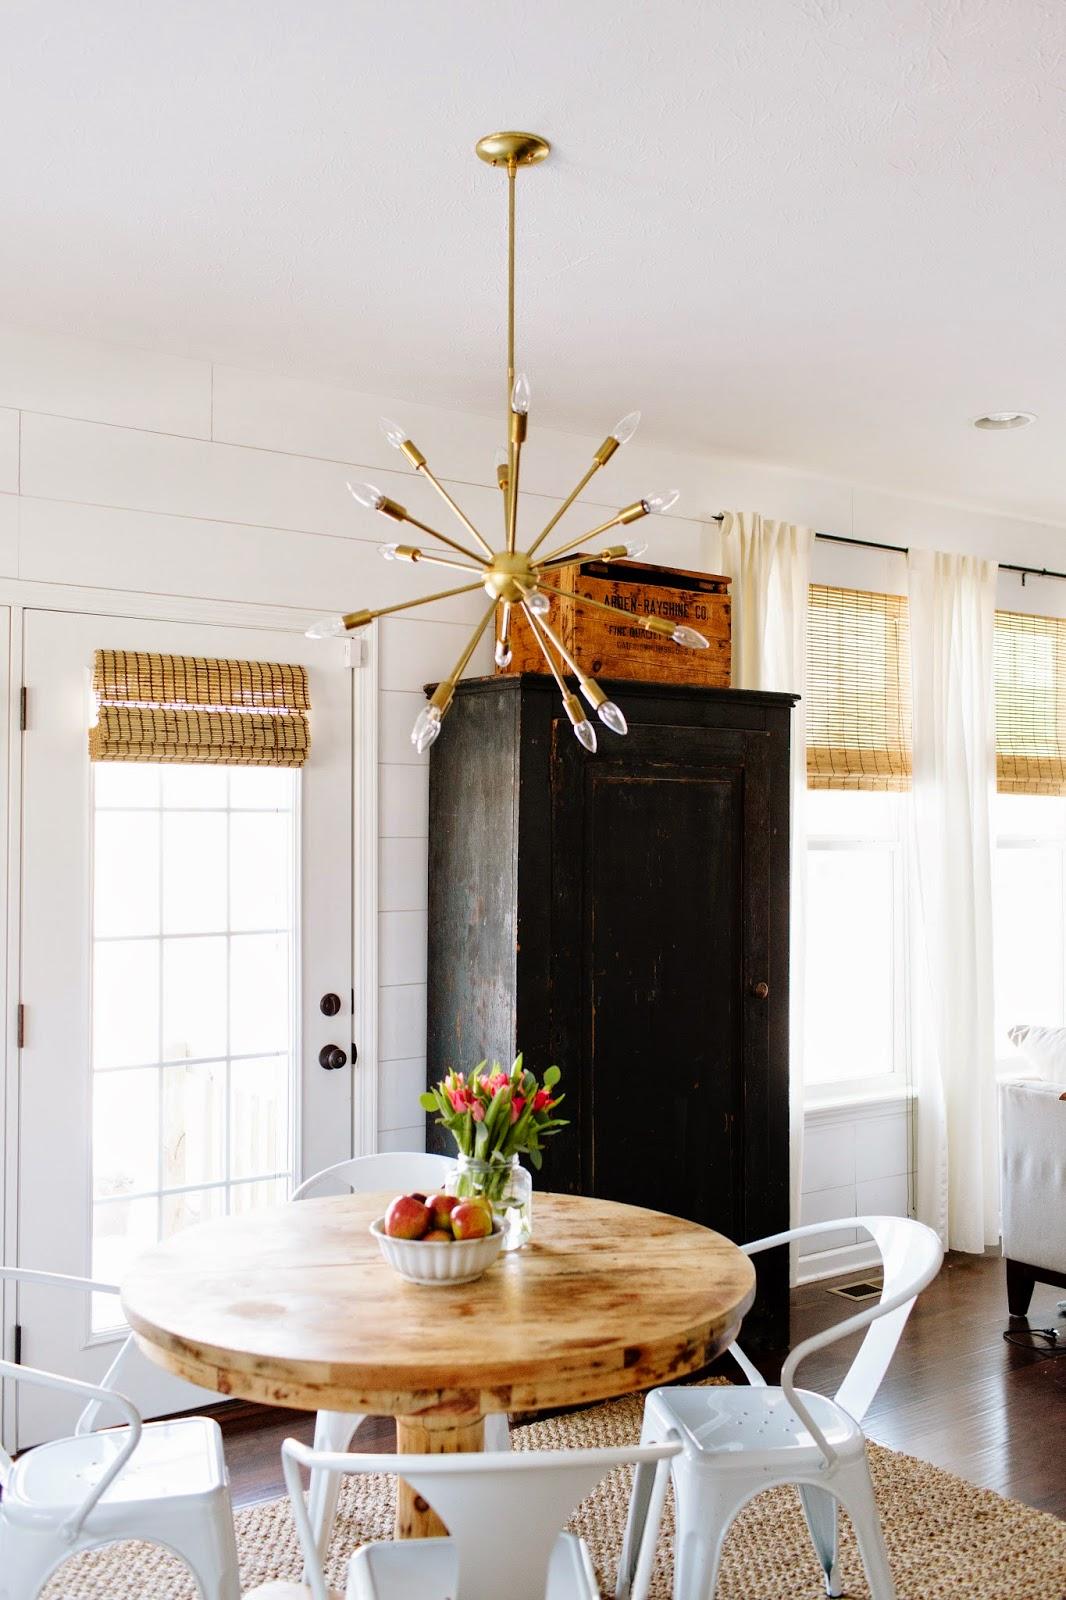 dining room inspiration sputnik chandeliers kitchen table chandelier Sputnik chandelier over a kitchen table